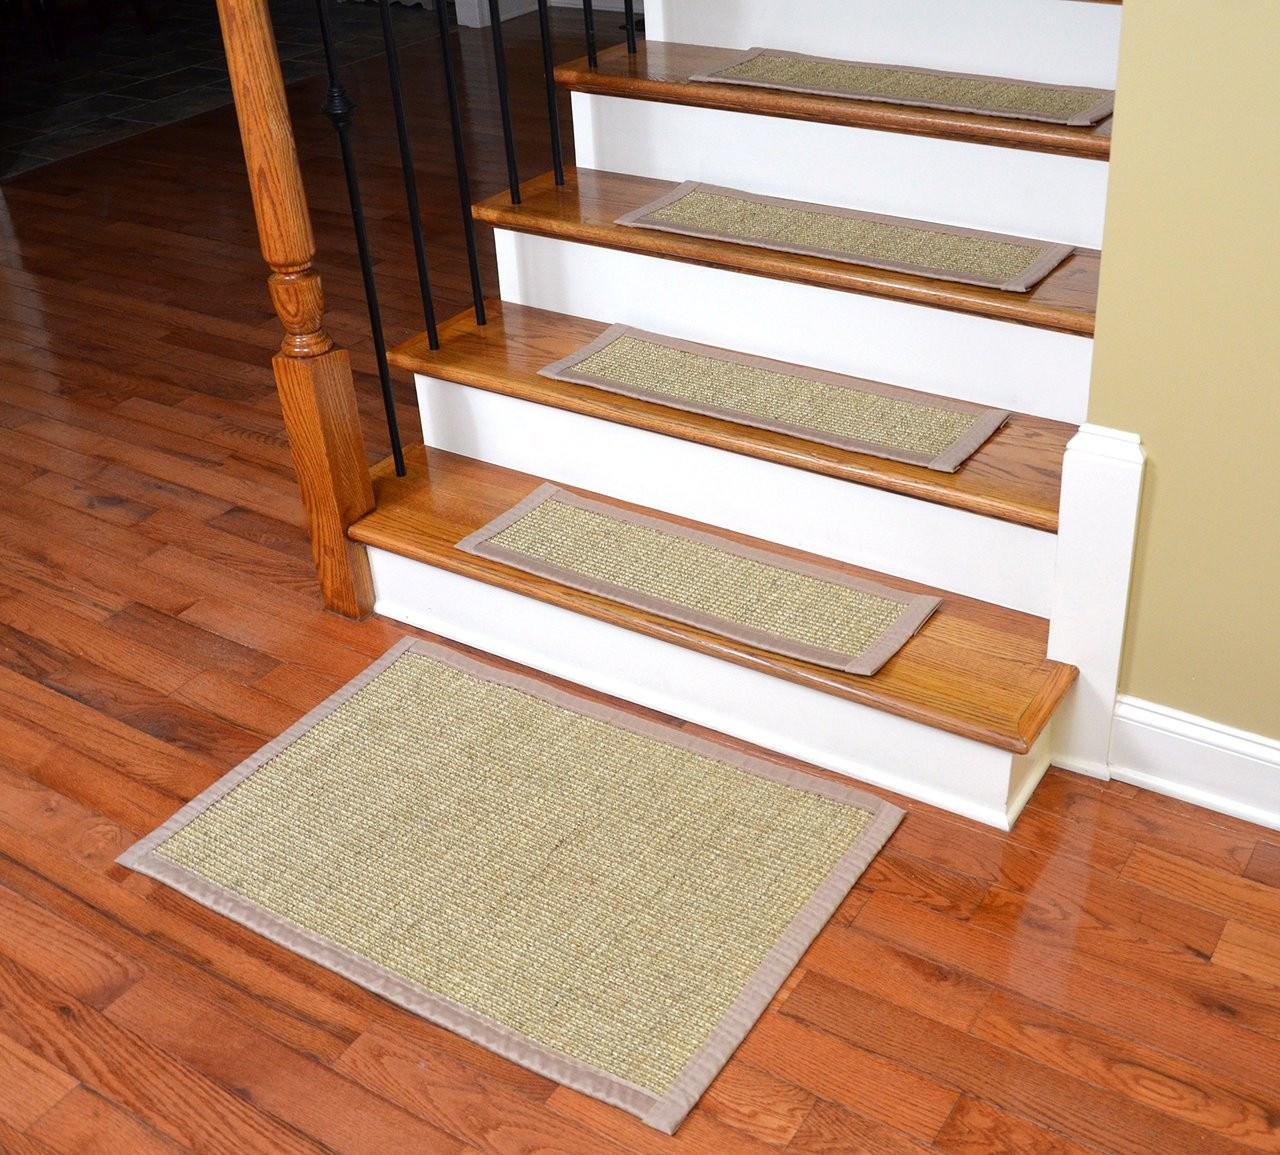 Dean Sisal Carpet Stair Treads Set Of 13 W Landing Mat   Non Slip Stair Treads For Carpeted Stairs   Walmart   Skid Resistant   Basement Stairs   Indoor Stair   Slip Resistant